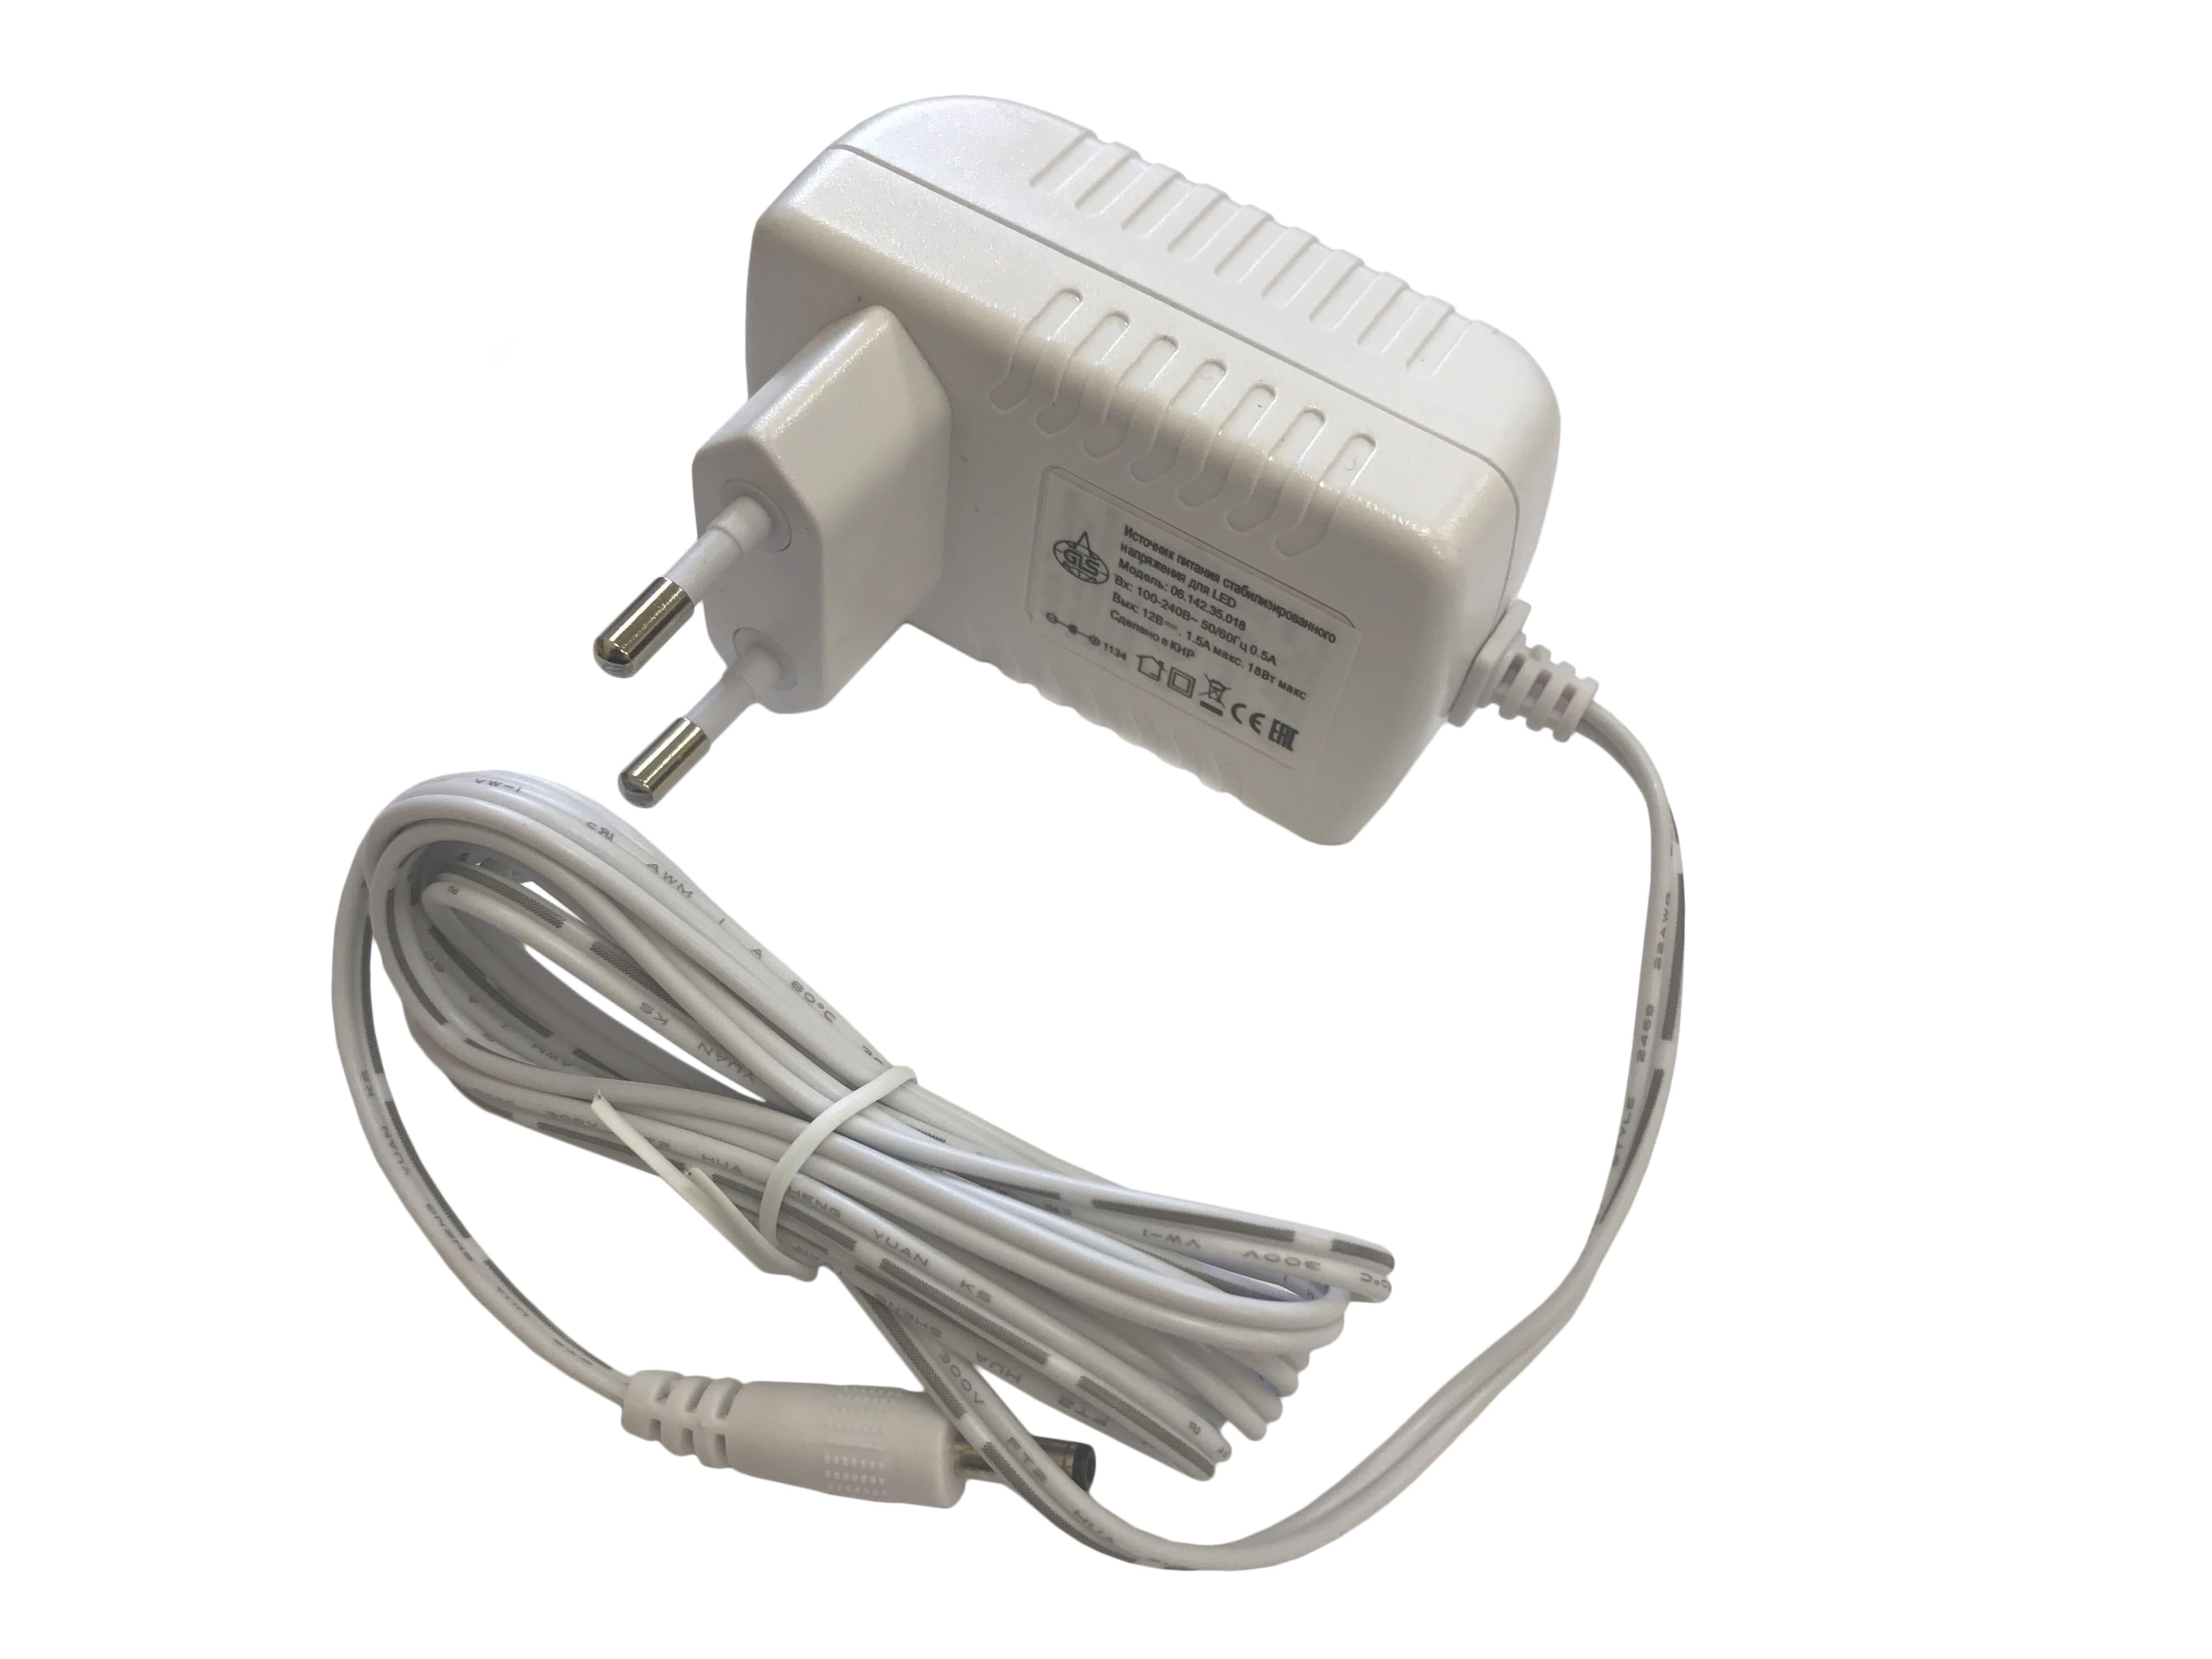 Блок питания 18w/12v сетевой адаптер с вилкой белый, провод 2м